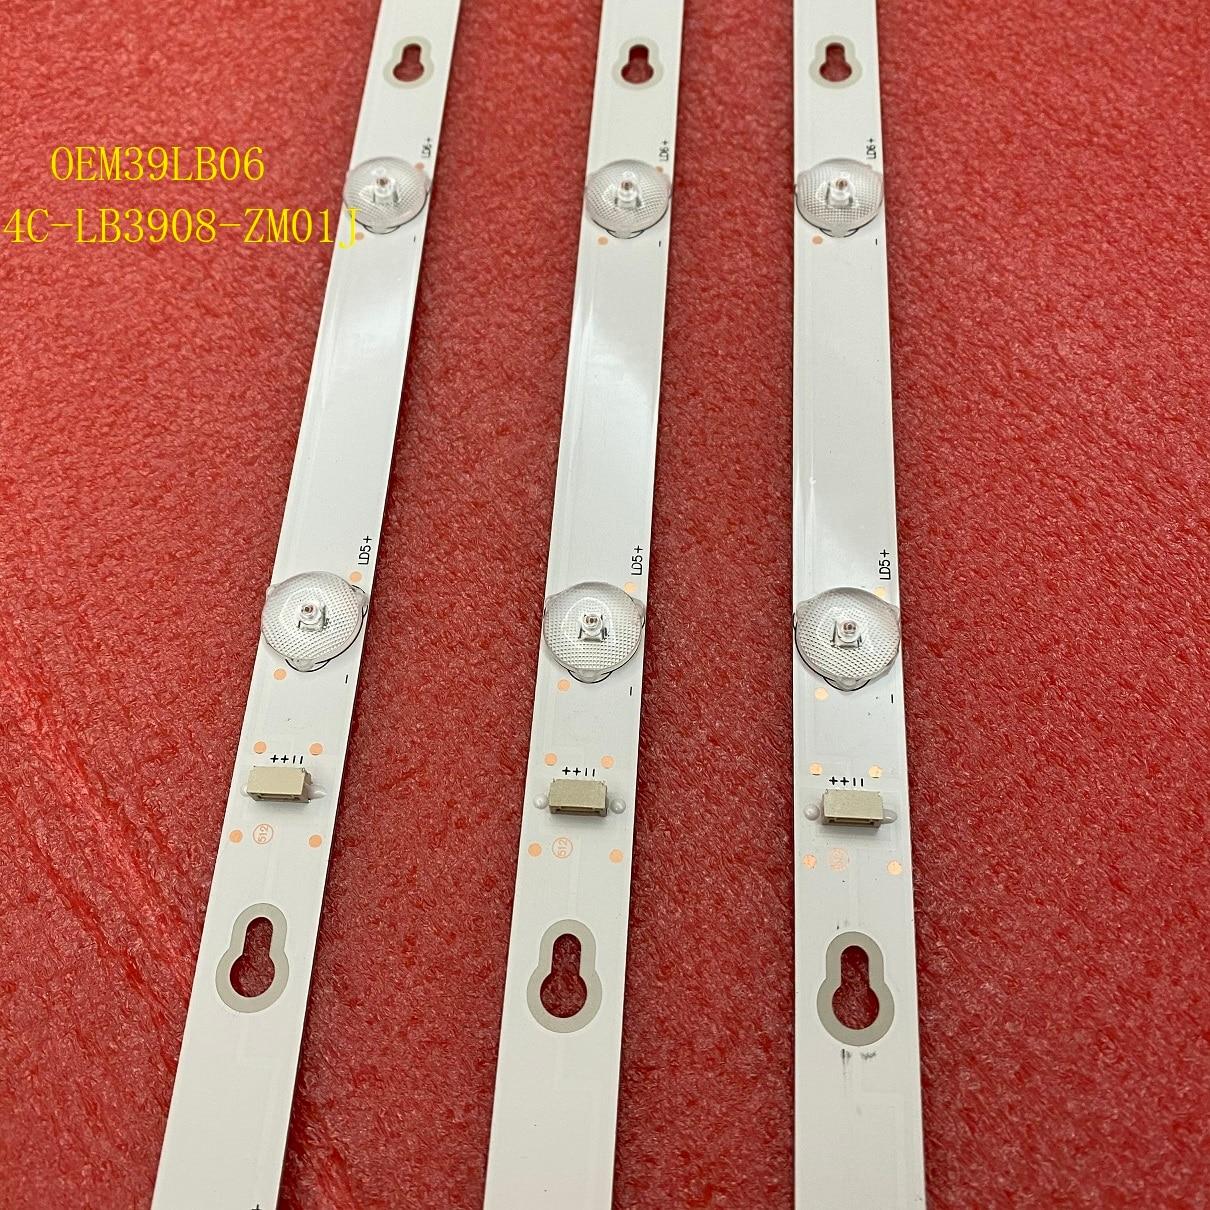 3 قطعة/المجموعة LED الخلفية بار ل TCL 39L2650C L39S4900FS L39S4900 OEM39LB06-3030F2.1-V0.2 4C-LB3908-ZM01J